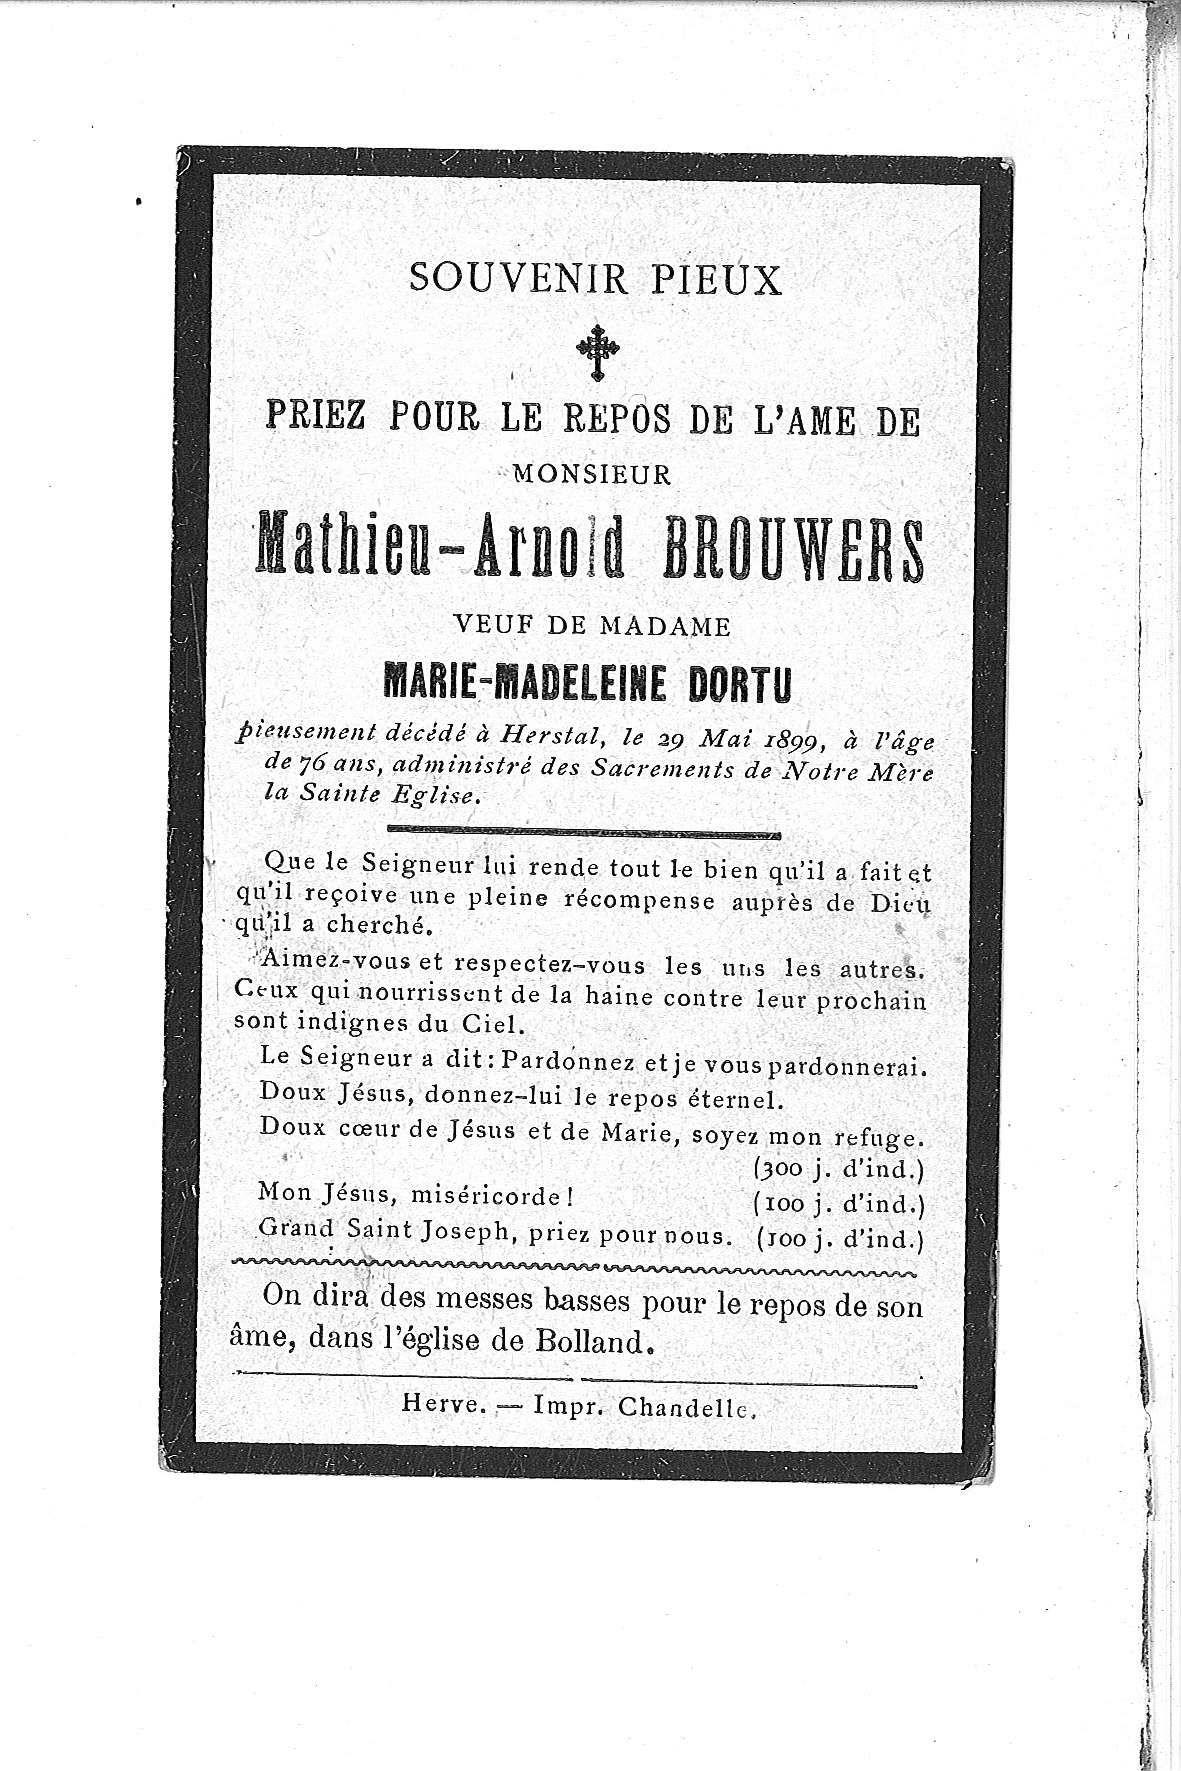 Mathieu-Arnold (1899) 20110805165022_00100.jpg